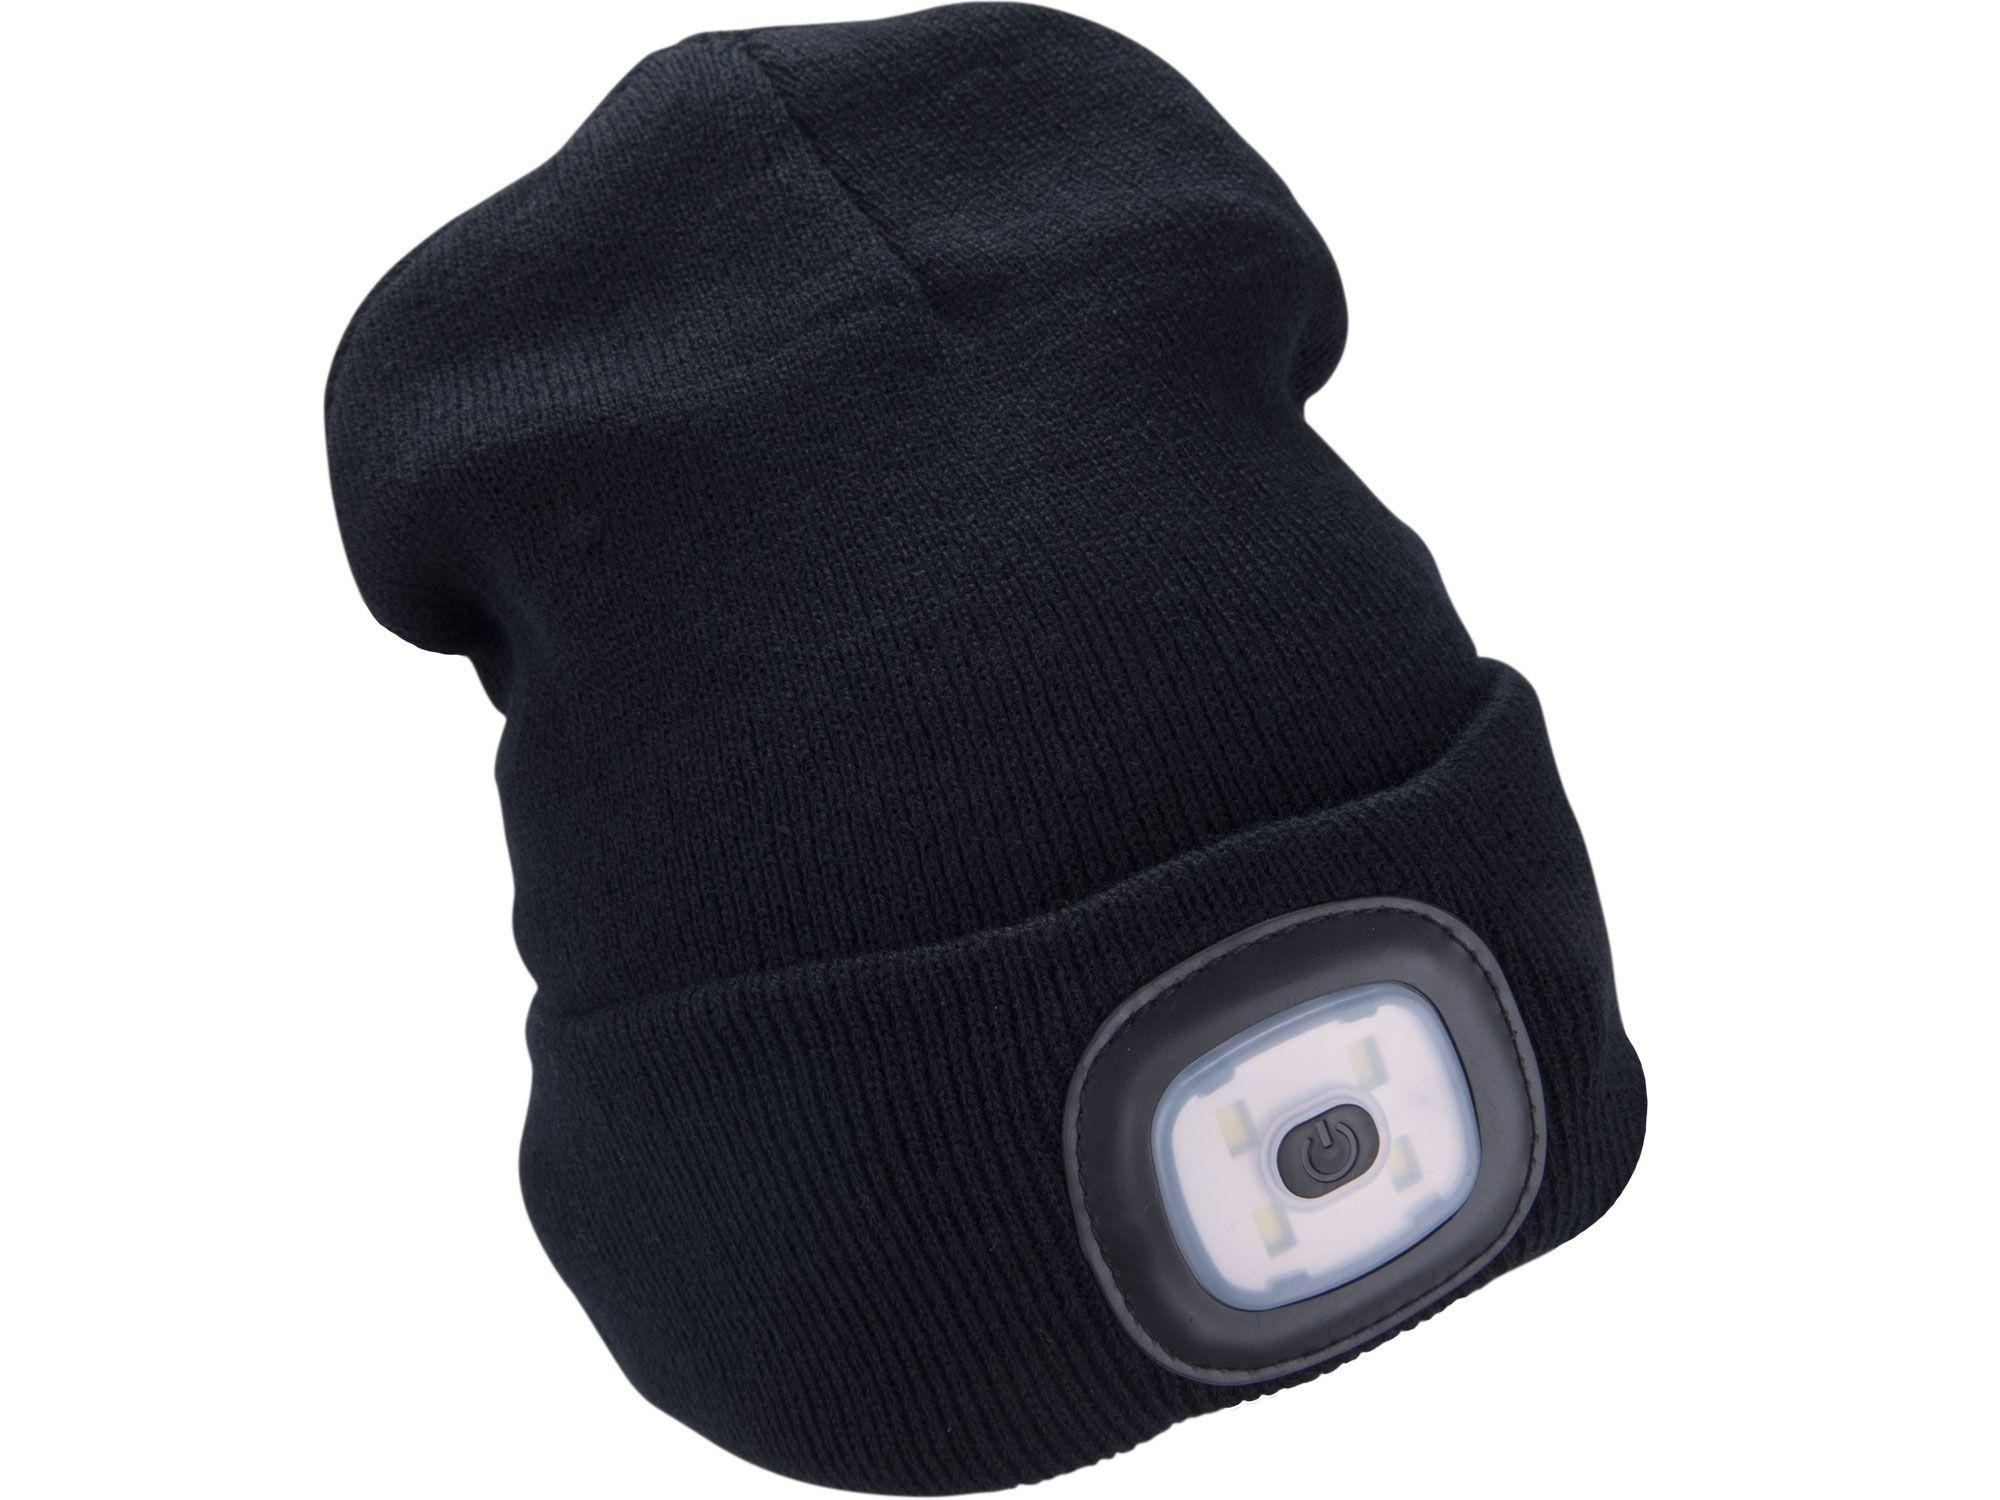 Čepice s čelovkou 4x45lm, USB nabíjení, černá, univerzální velikost EXTOL-LIGHT